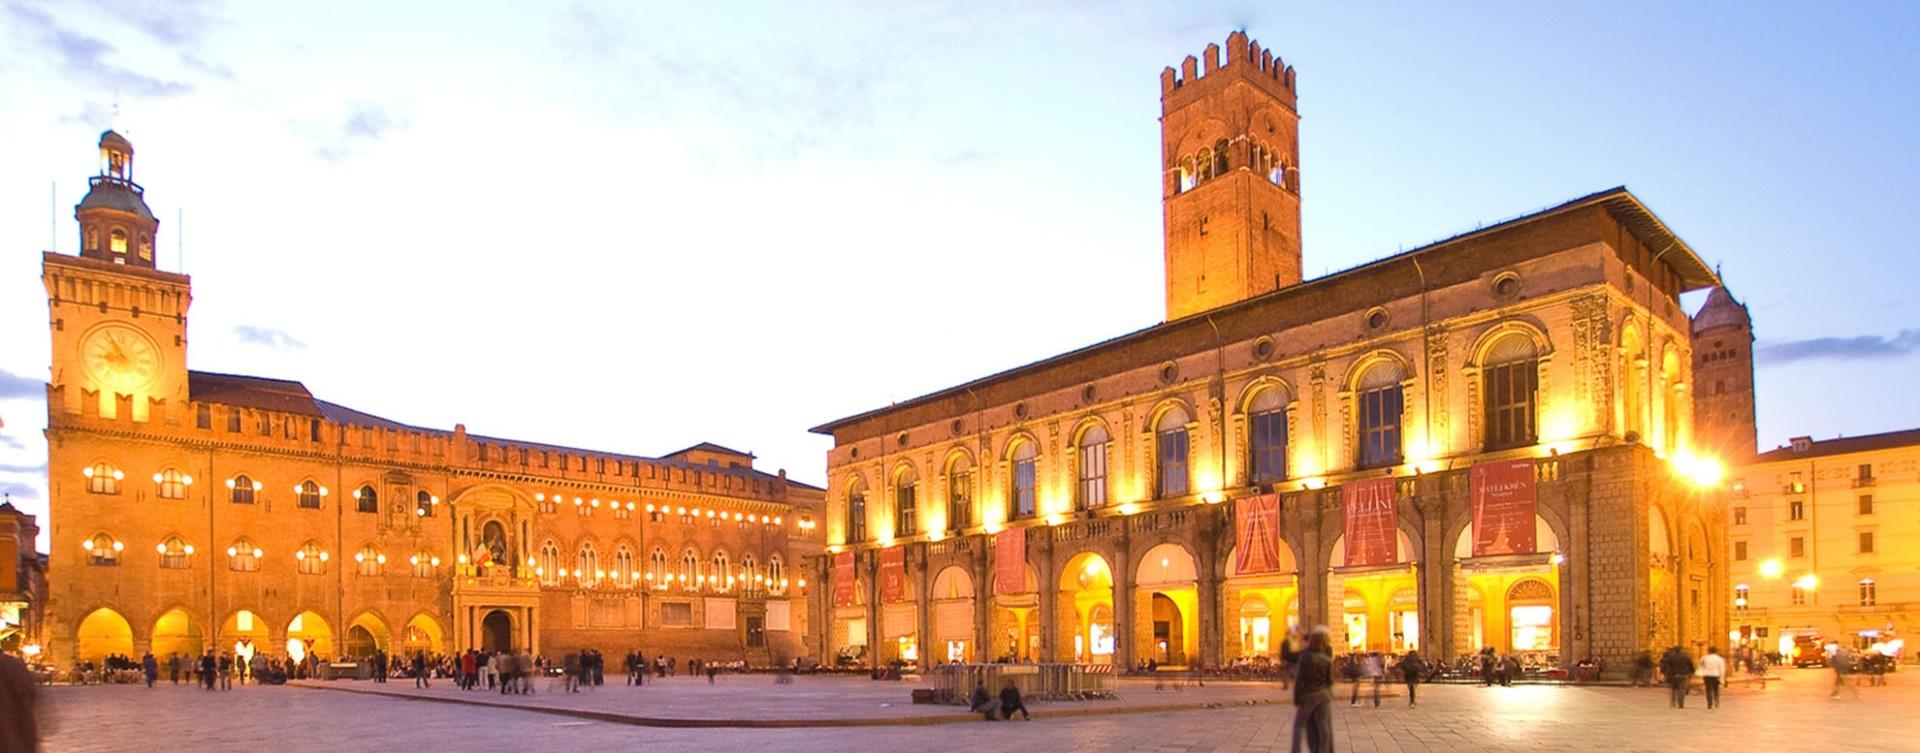 piazza-maggiore-bologna-e1436861457842